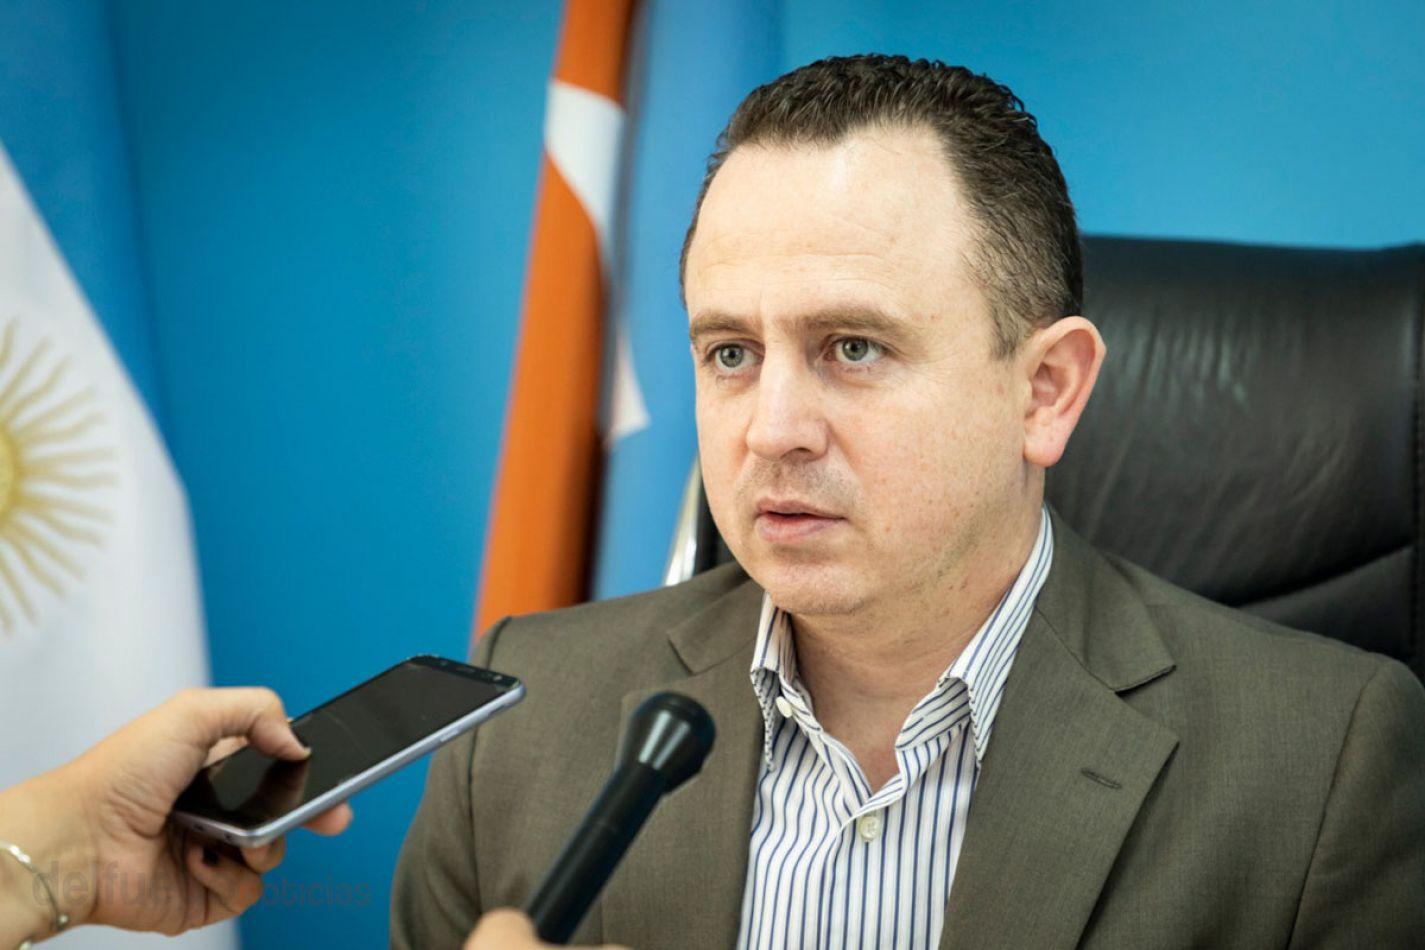 El secretario de Gobierno del Municipio de Río Grande adelantó detalles de los salarios de los trabajadores municipales.